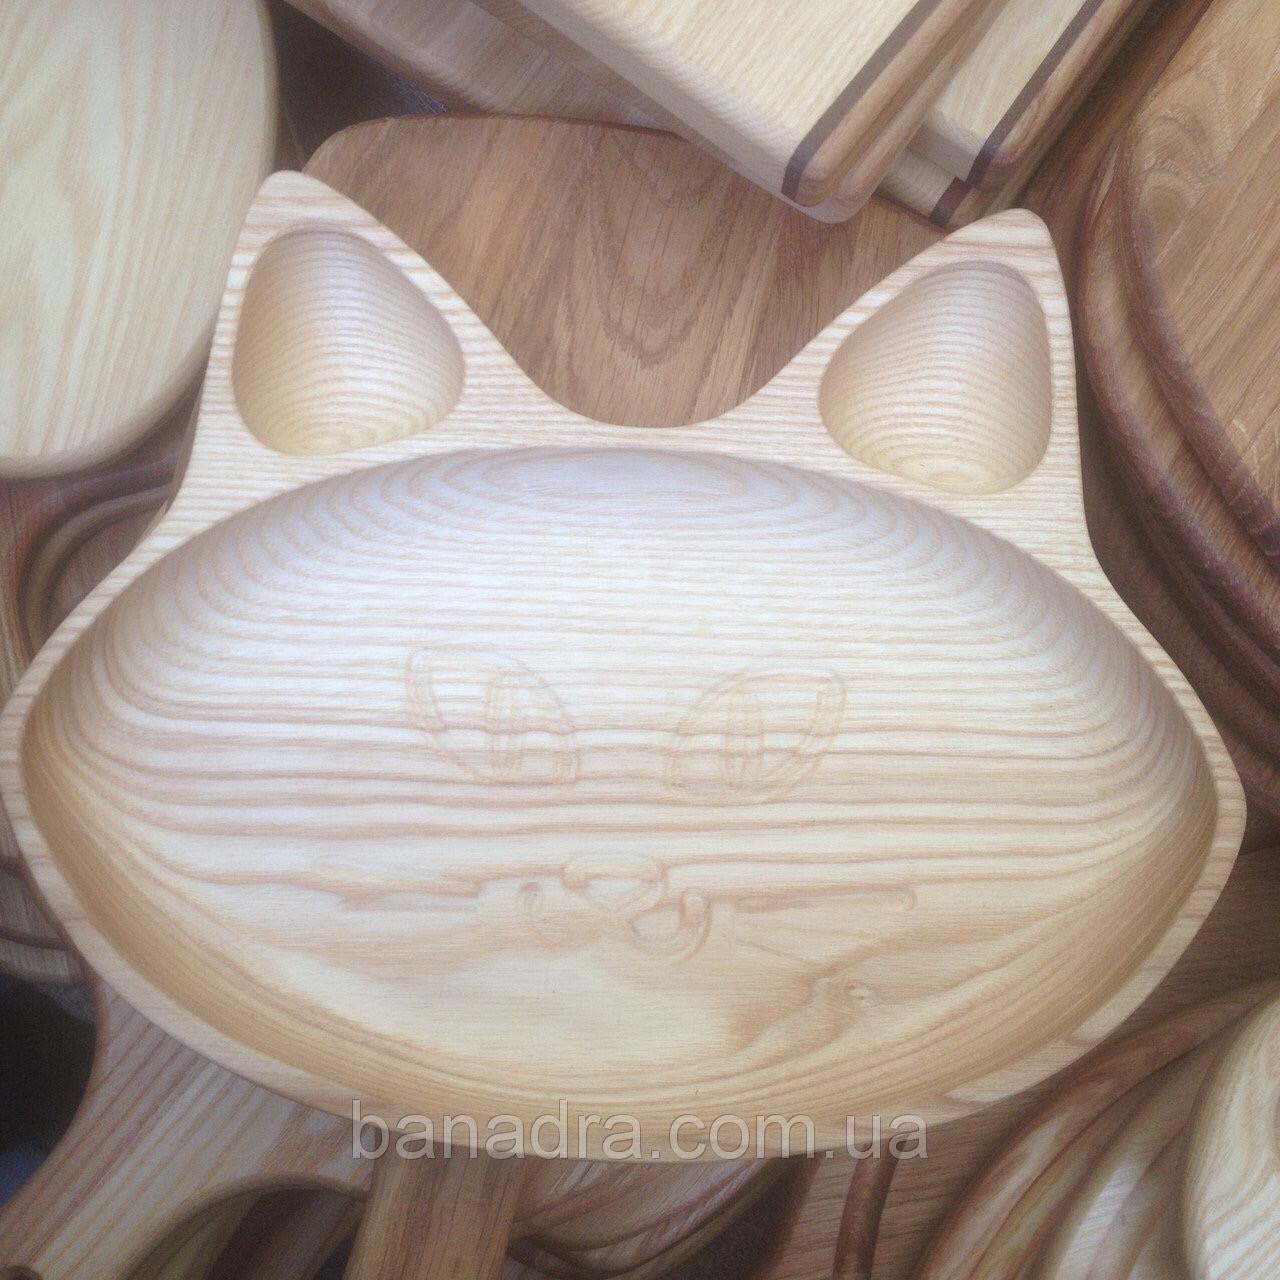 Тарелка детская «Том» из дерева